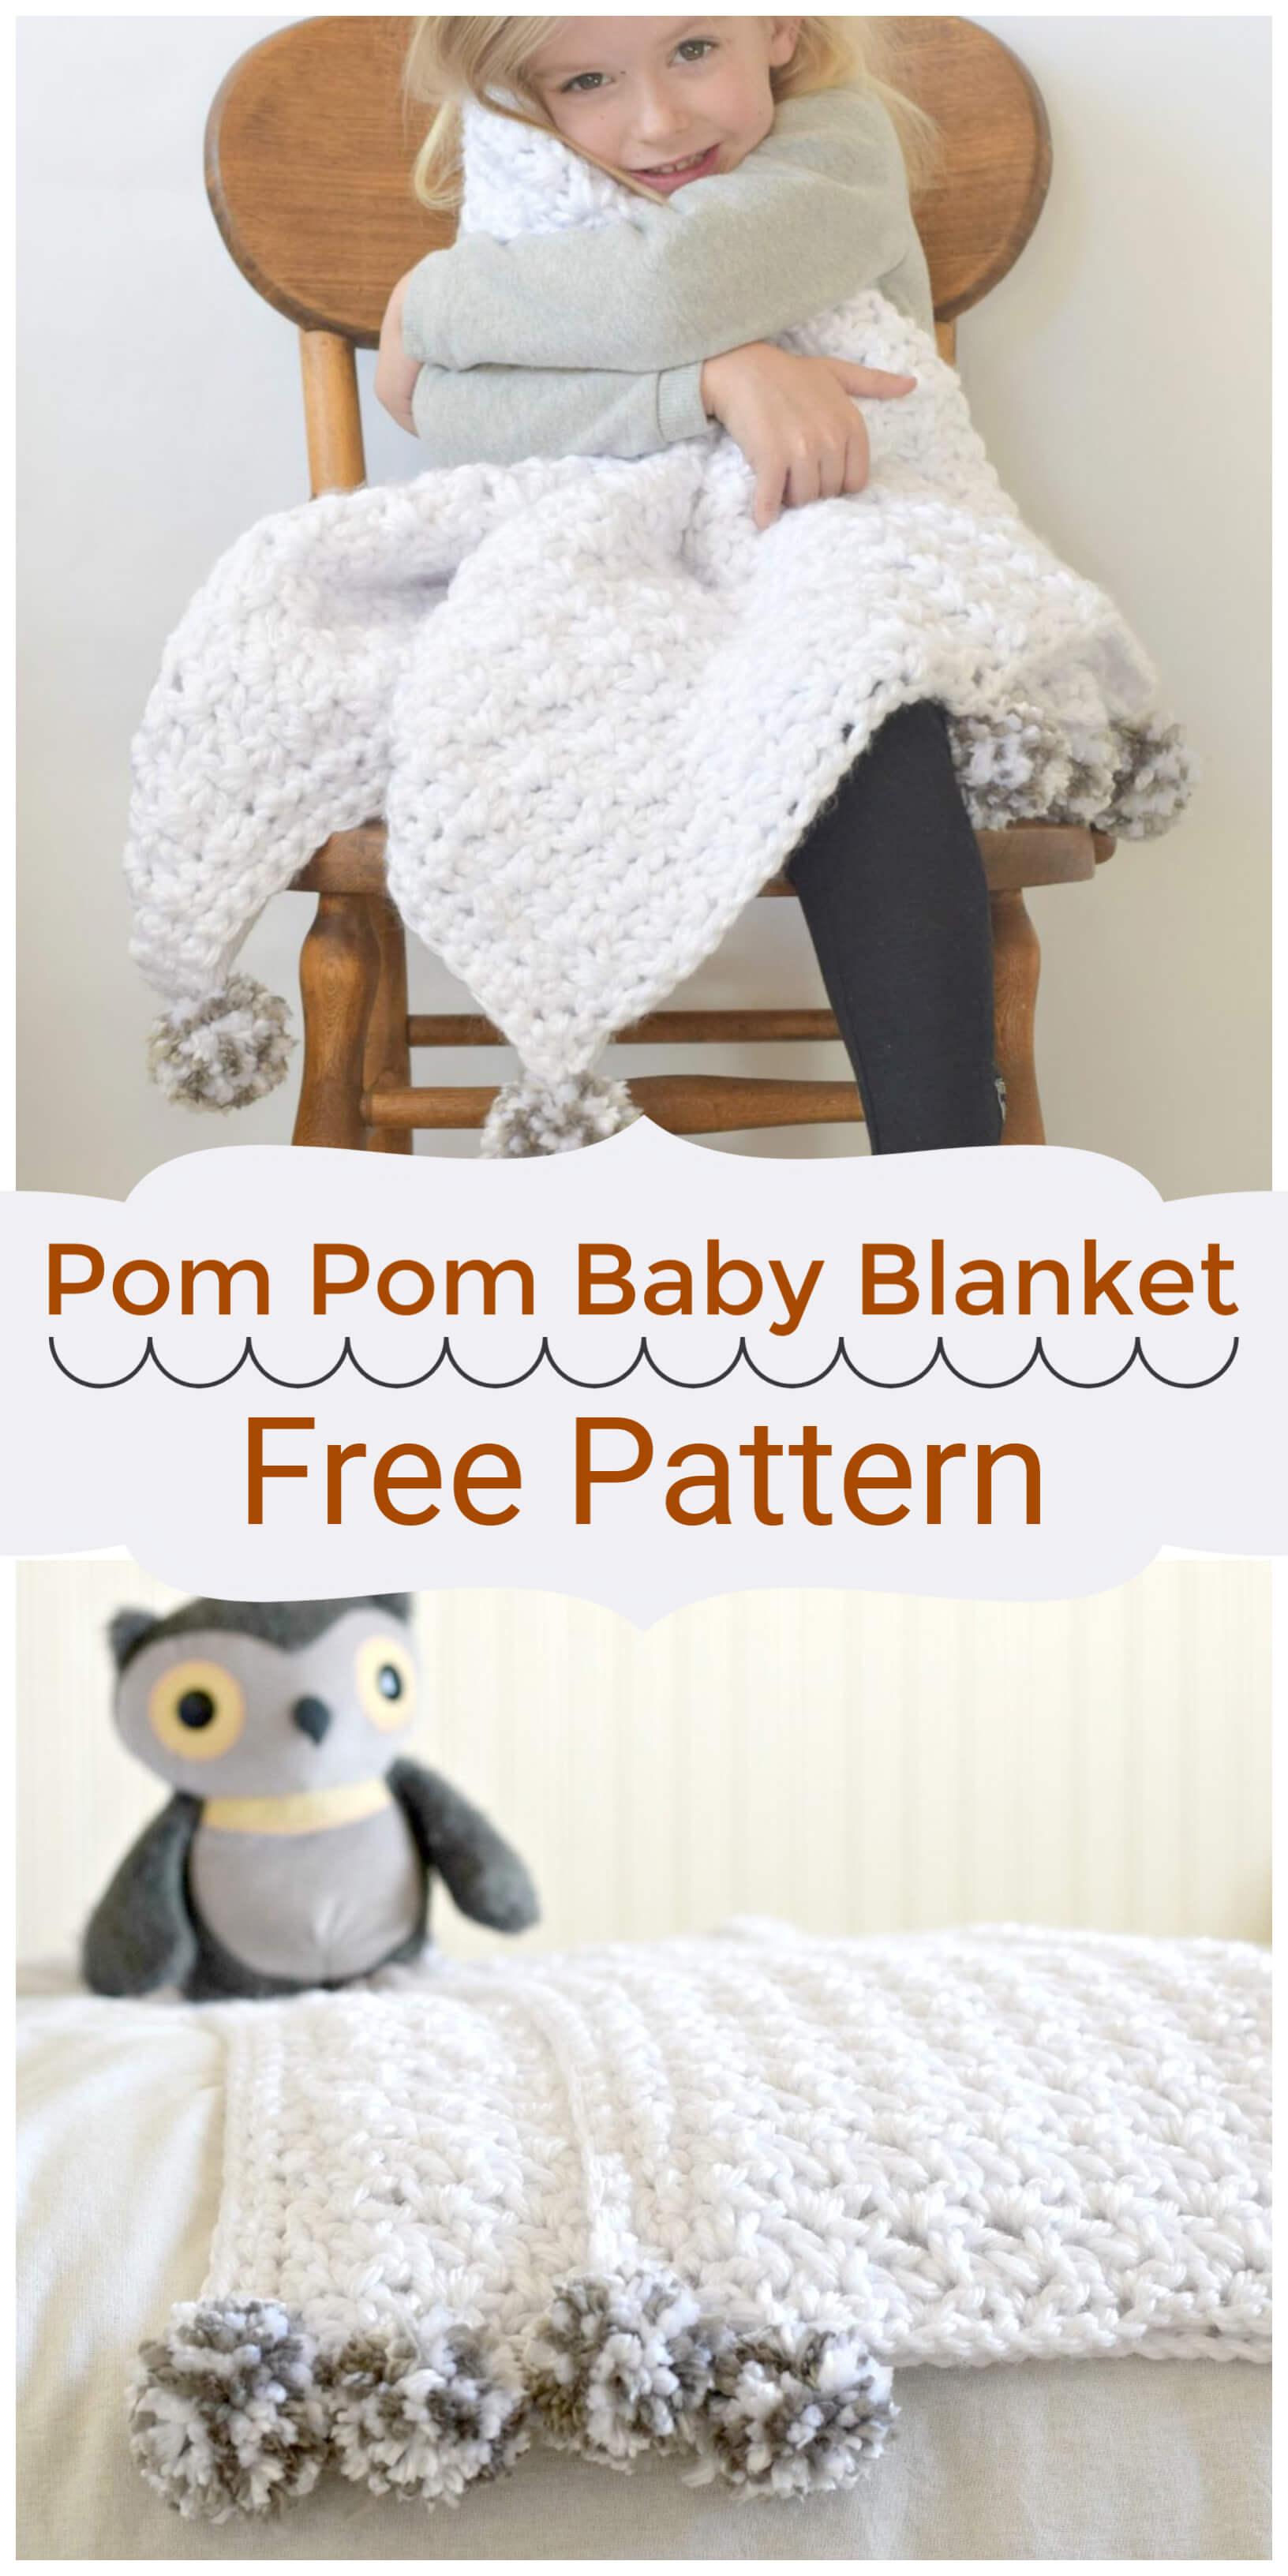 Crochet Pom Pom Baby Blanket